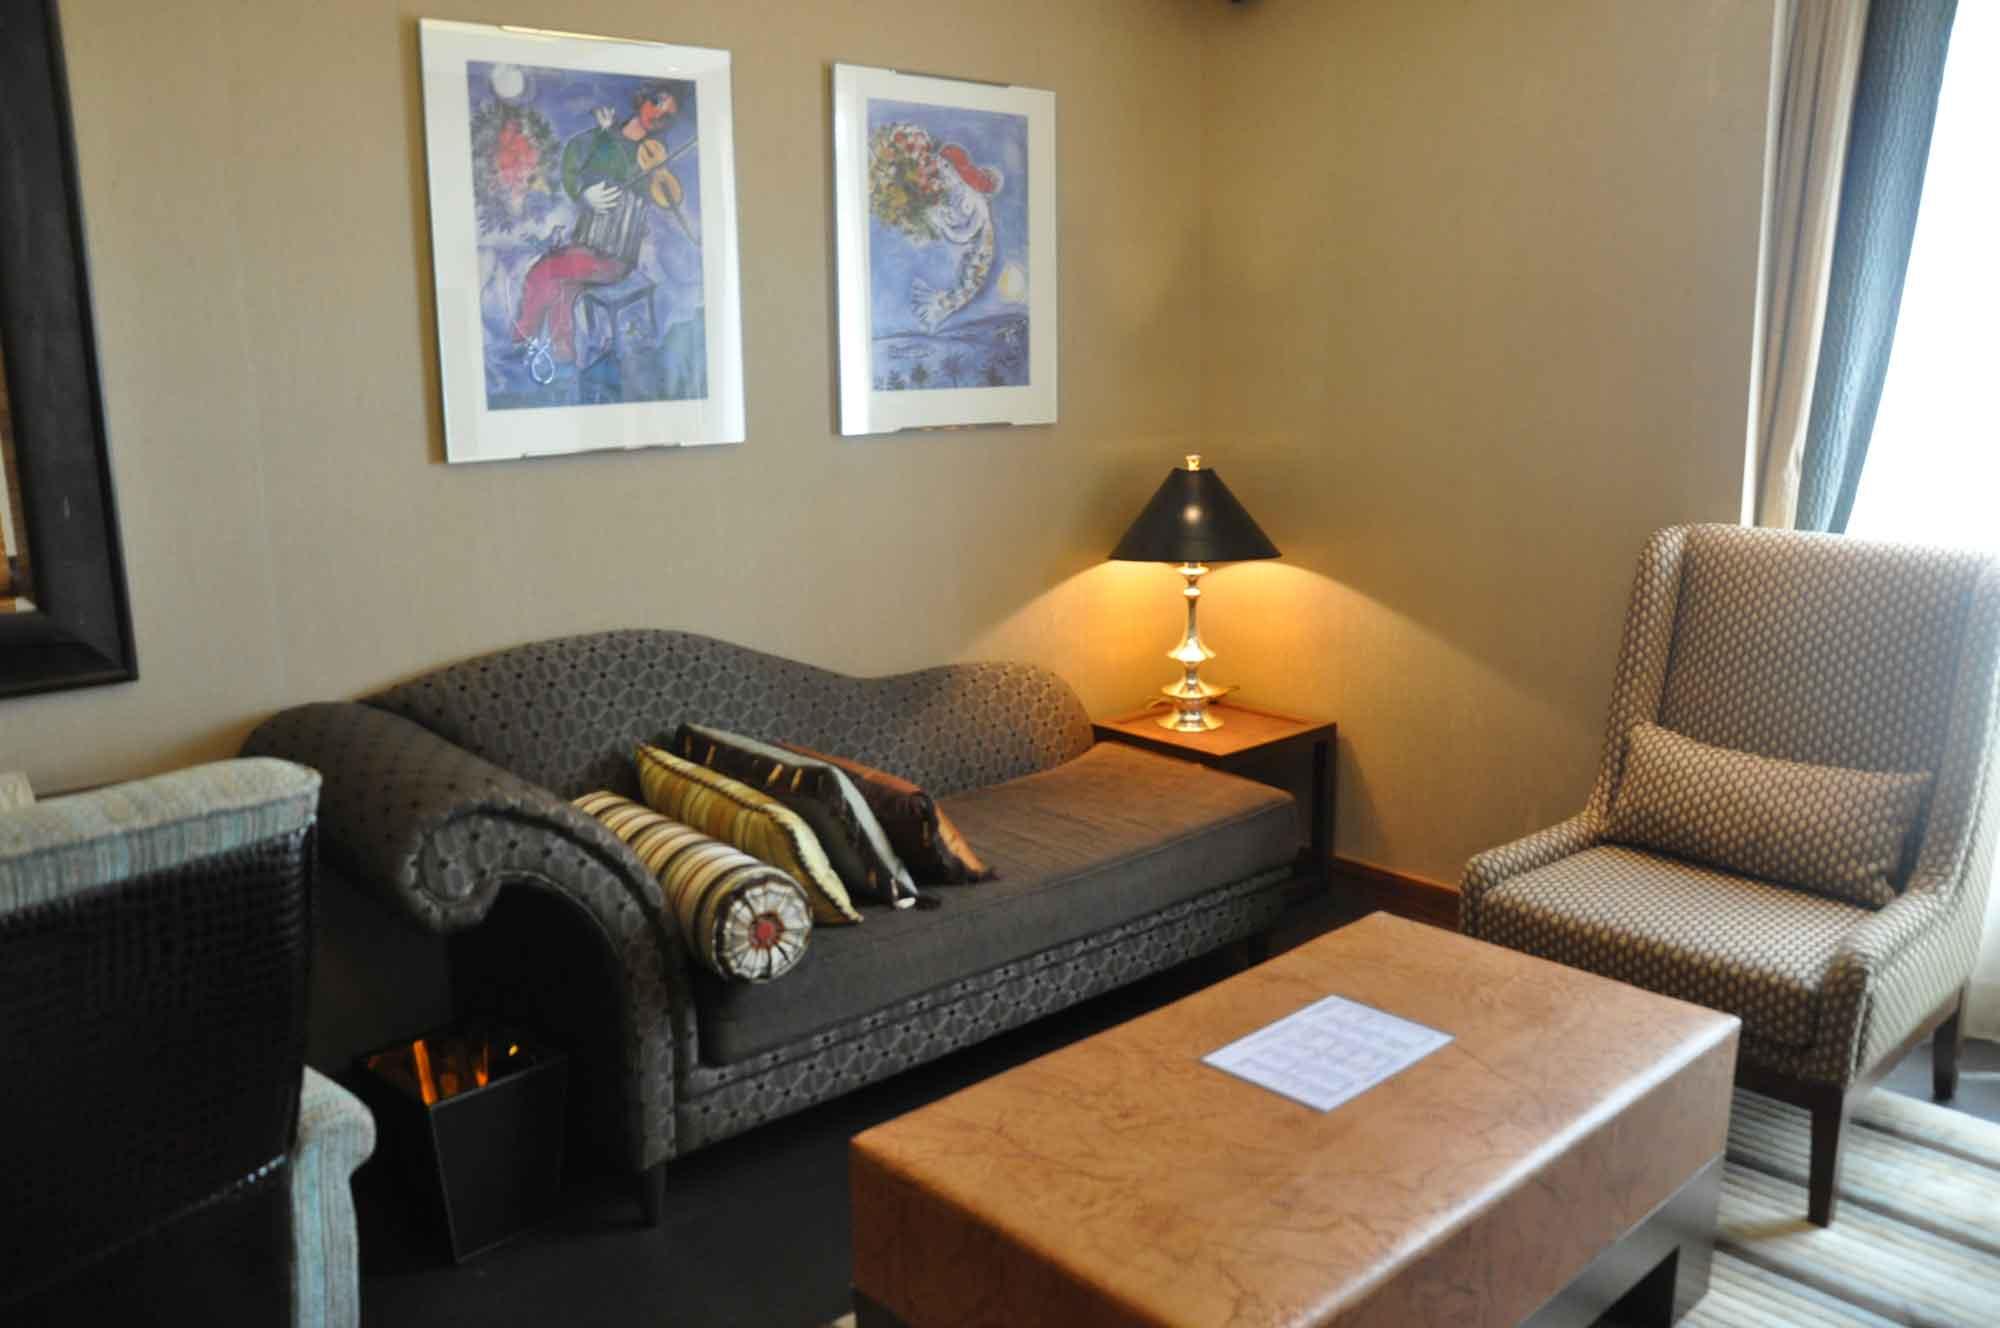 Pousada de Sao Tiago Macau Barra Suite living room